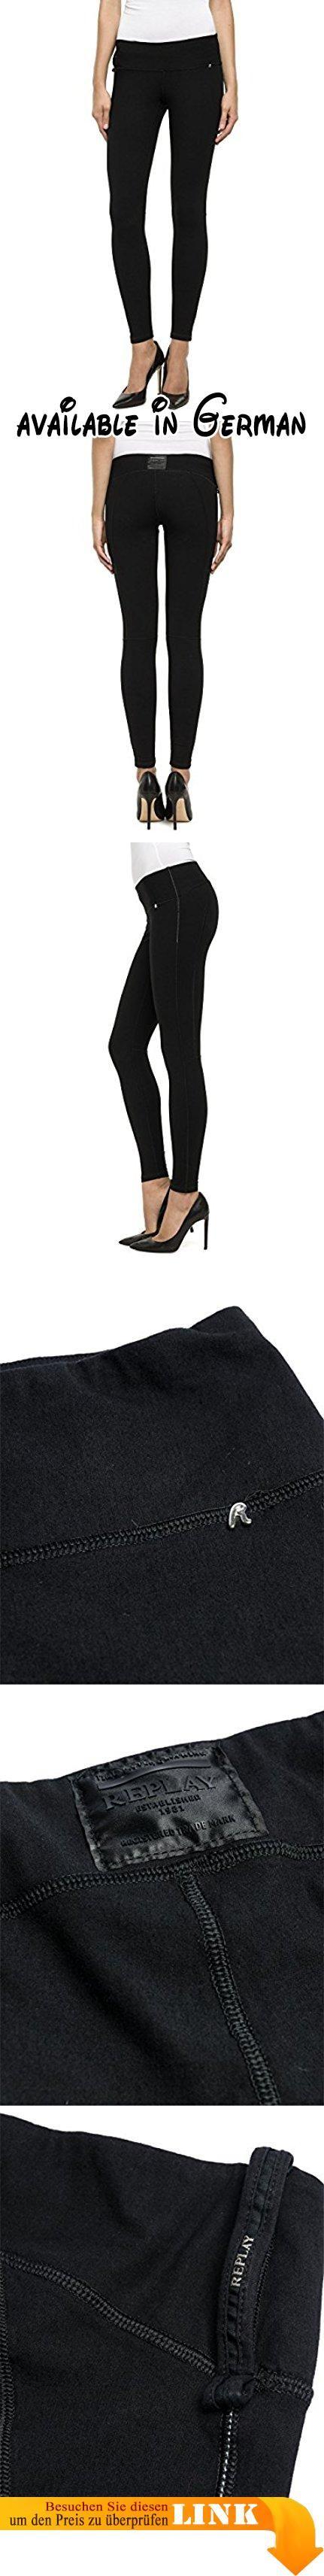 Replay Damen Jeggings Jeanshose Hyperskin, Gr. 38 (Herstellergröße: 3), Schwarz (Dark Black 98). Diese Hose von Replay sollte in keinem gut sortierten Kleiderschrank fehlen. Die hautenge Jeggings passt sich dank der Hyperskin Technologie und ihrer robusten Qualität perfekt an die Haut an. Mit engem Print-Shirt oder Longbluse, High Heels und interessanten Accessoires gelingen sexy Outfits wie von selbst. Die Hyperskin Jeggings von Replay ist ein Must-Have für jede moderne